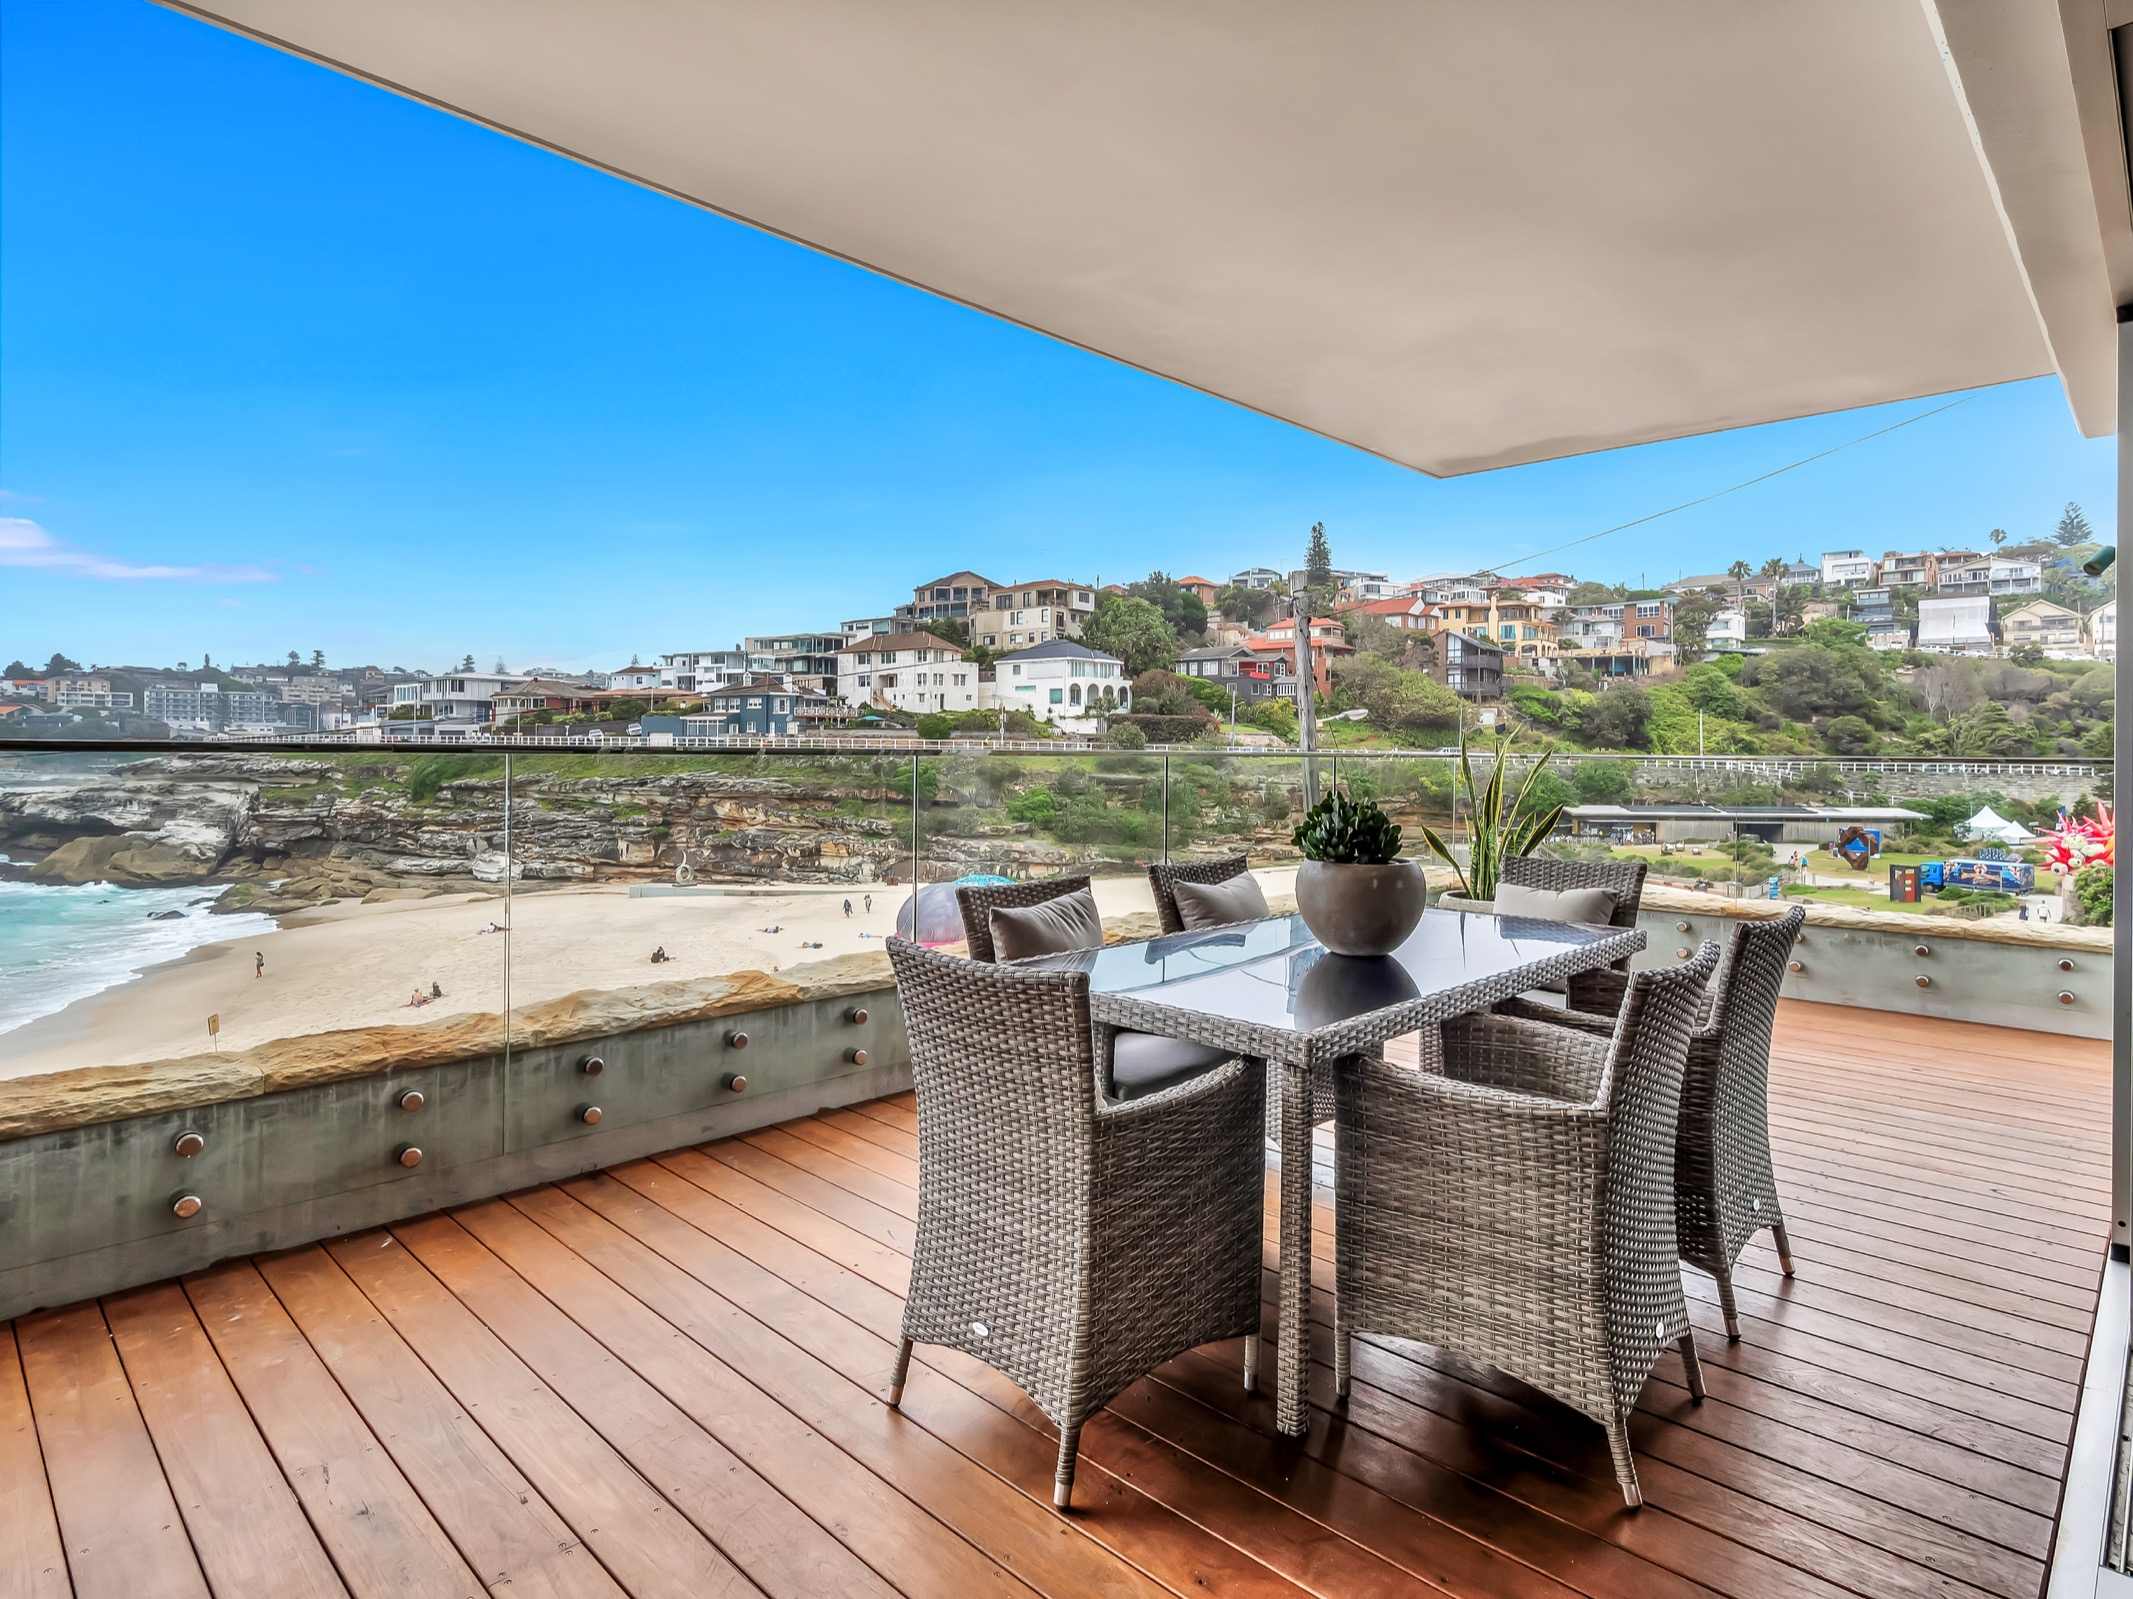 Beachfront Tamarama Residence. Bondi Beach Holiday Homes13.jpg